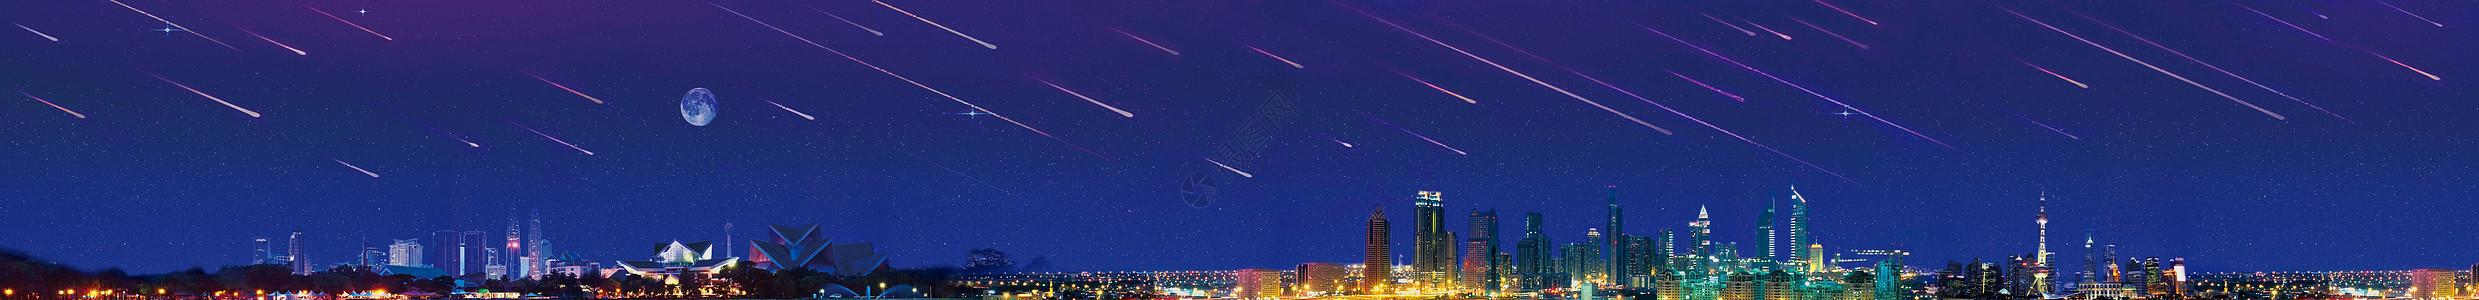 星空下的城市建筑图片